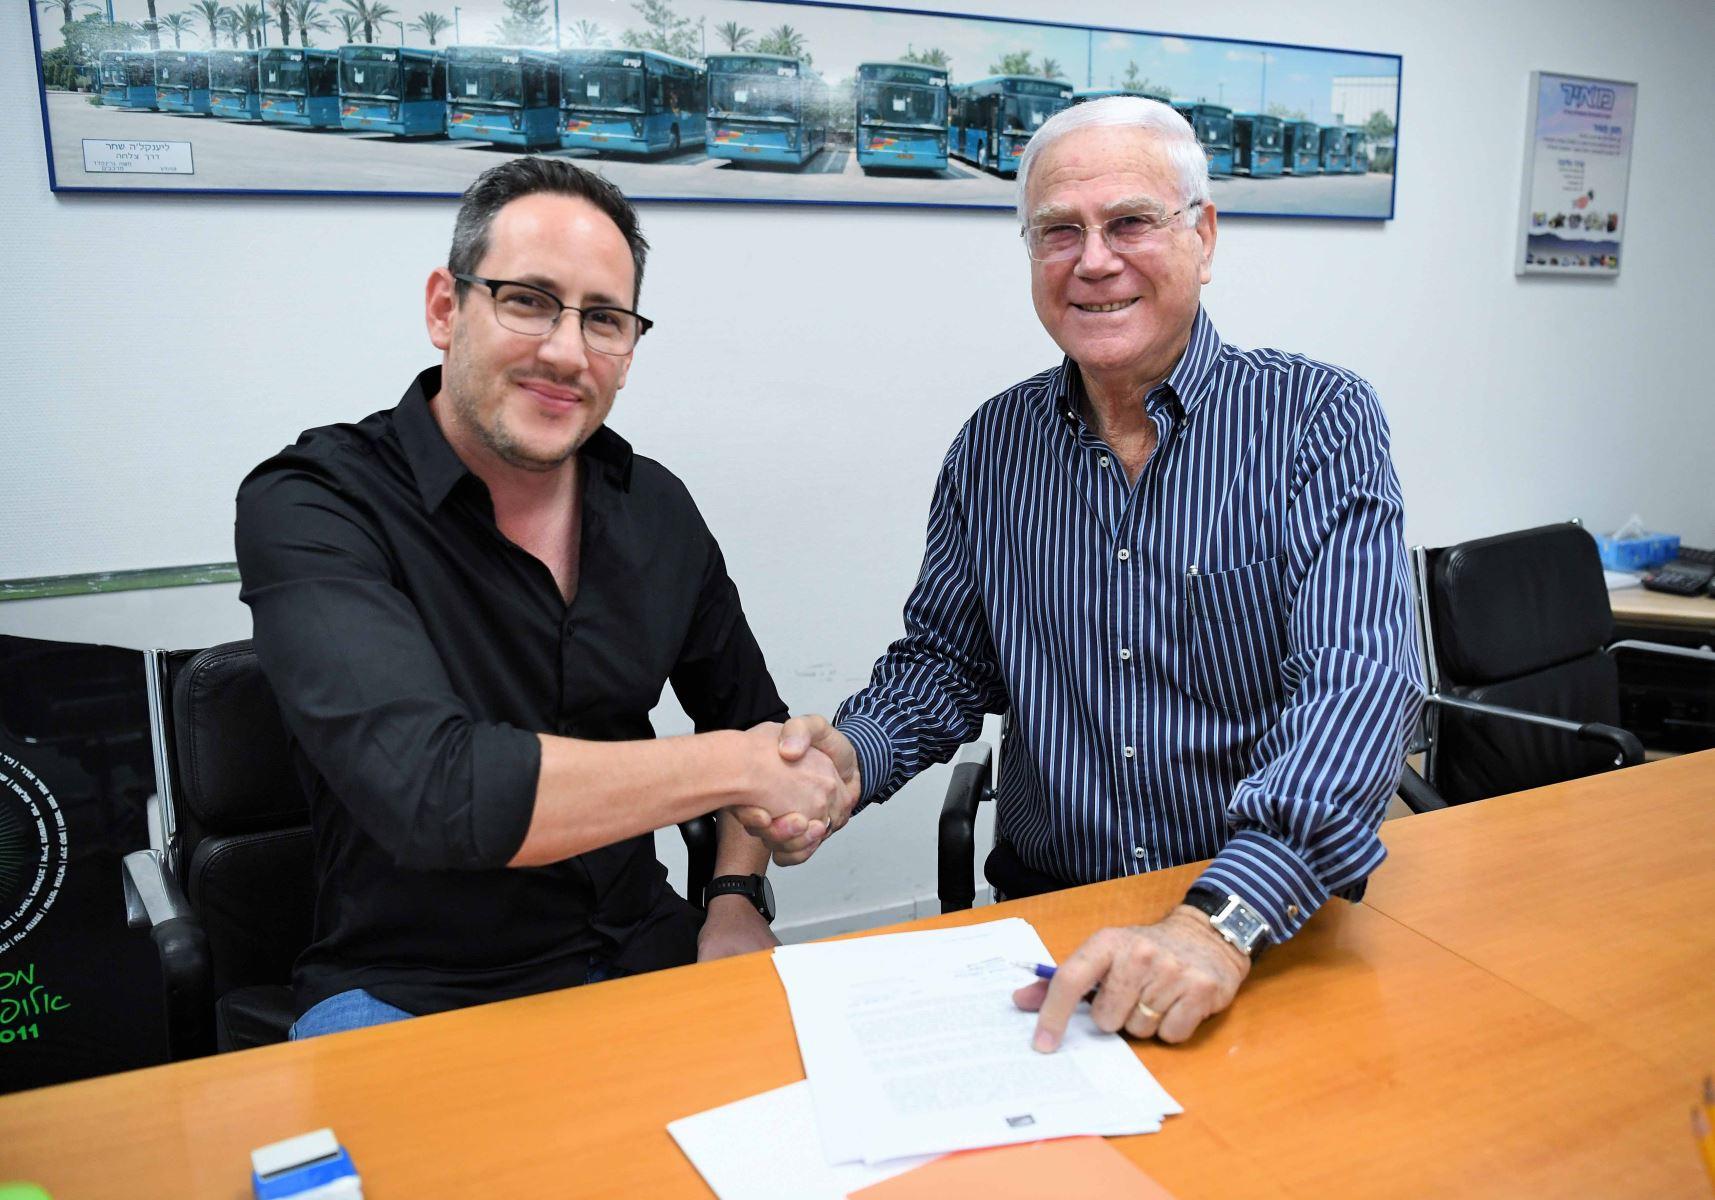 נייקי ומכבי חיפה חתמו על הארכת החוזה ב-3 שנים